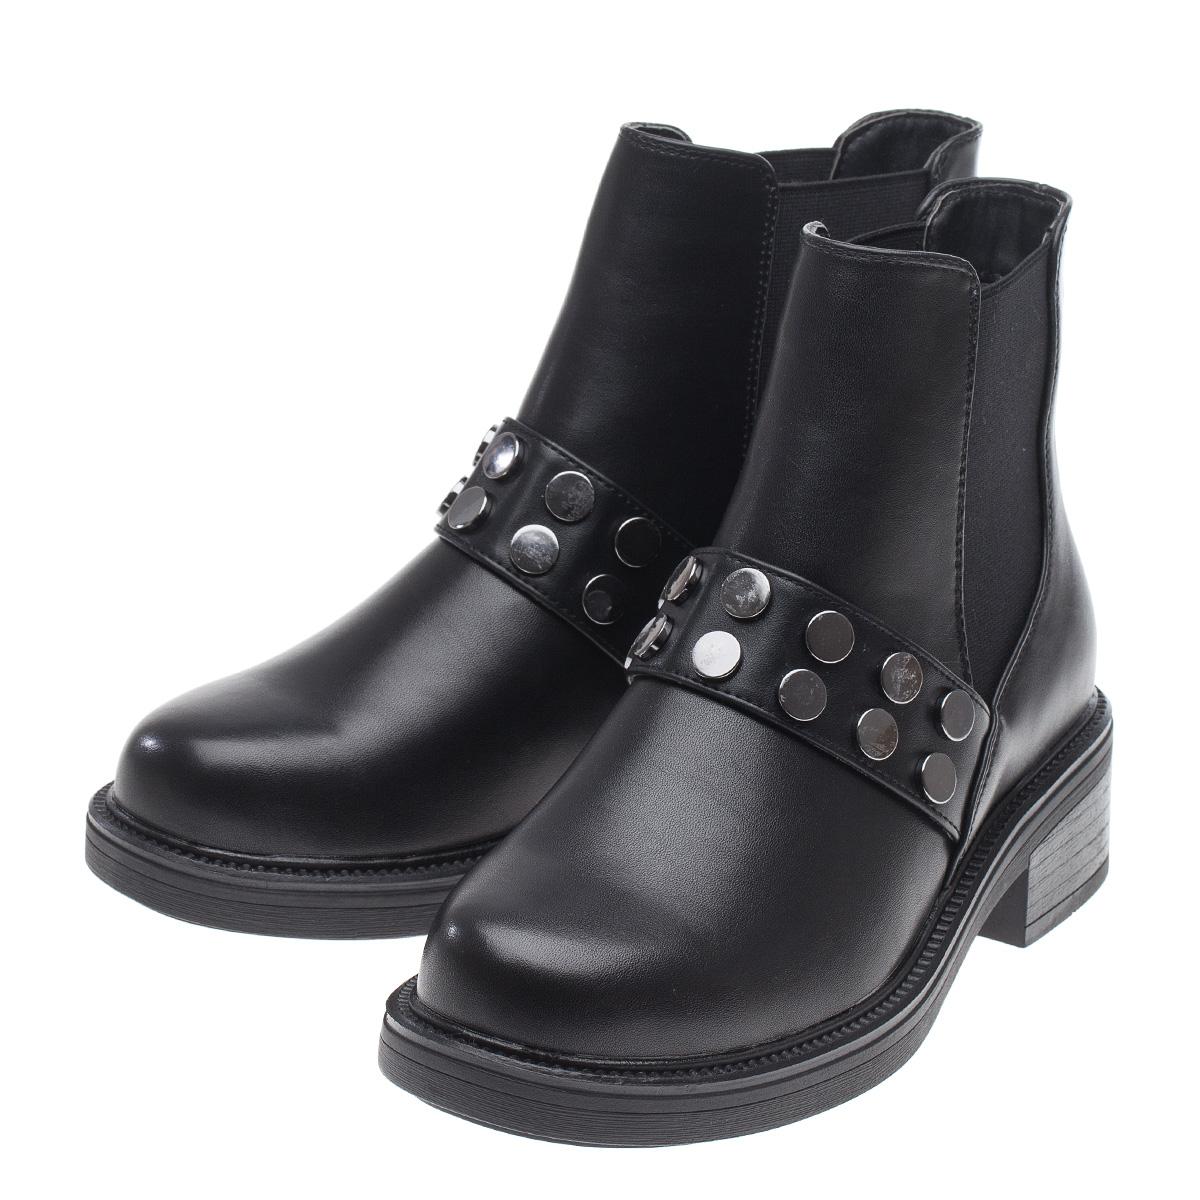 Ботинки демисезонные FERTO, D18-60610